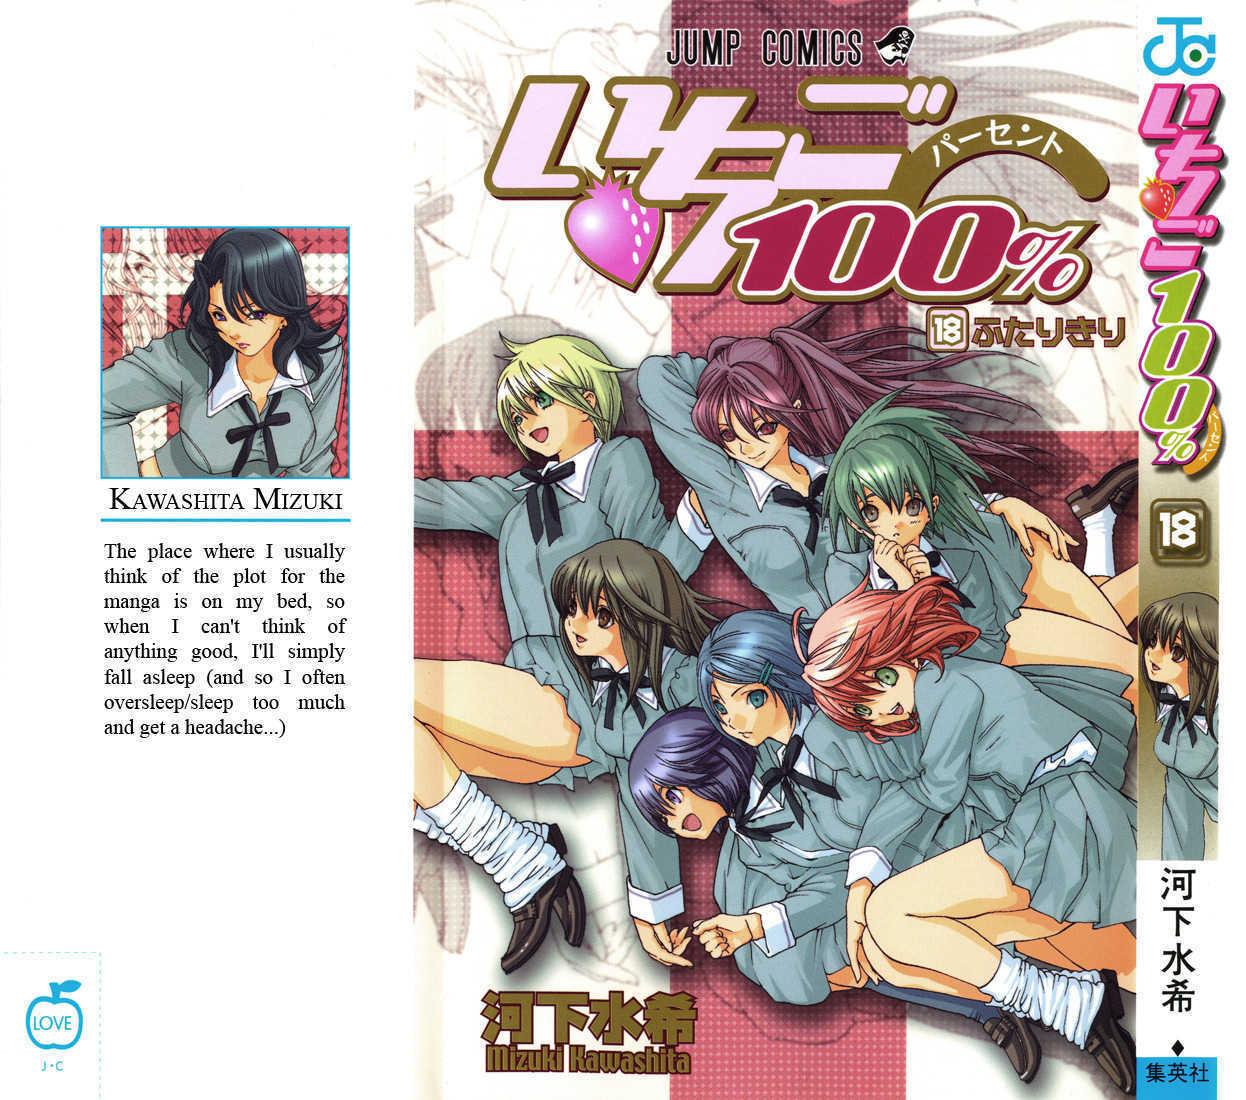 Ichigo 100% 153 Page 2